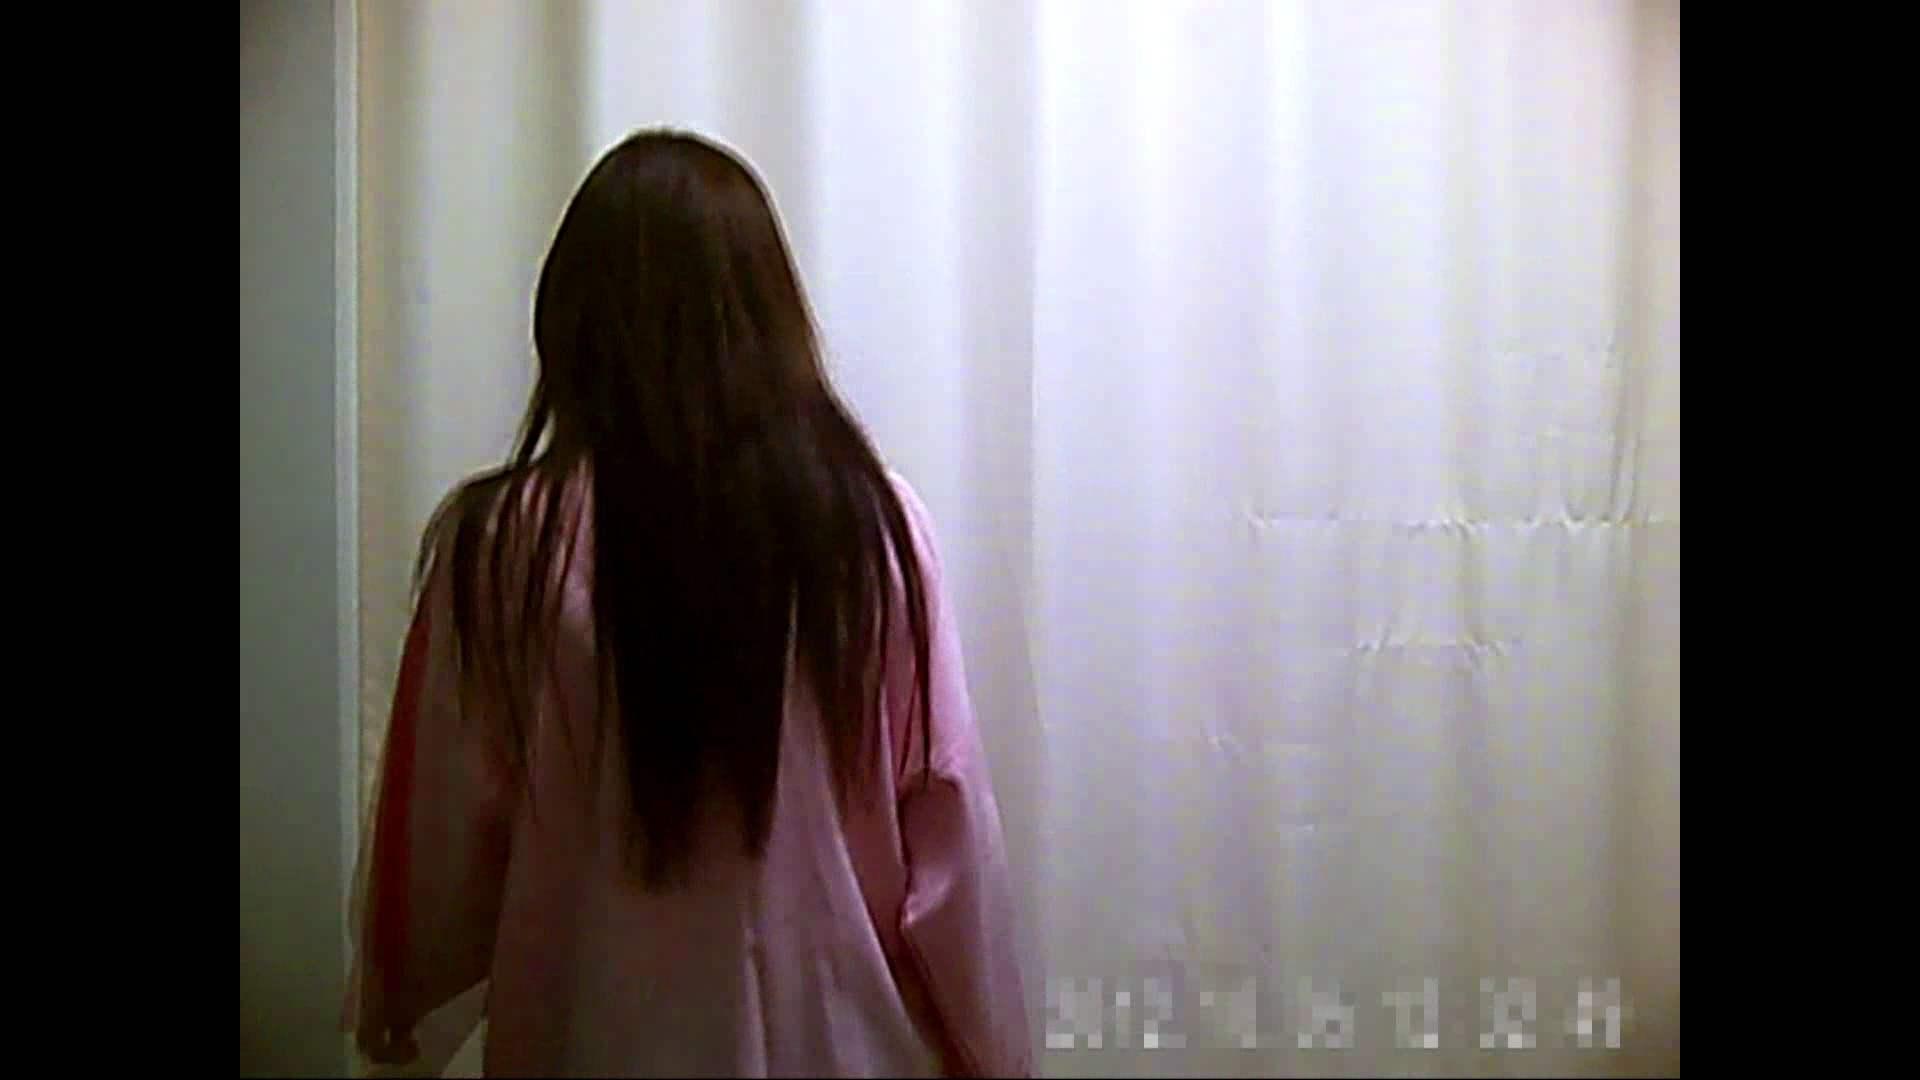 病院おもいっきり着替え! vol.230 着替え おめこ無修正動画無料 105pic 4